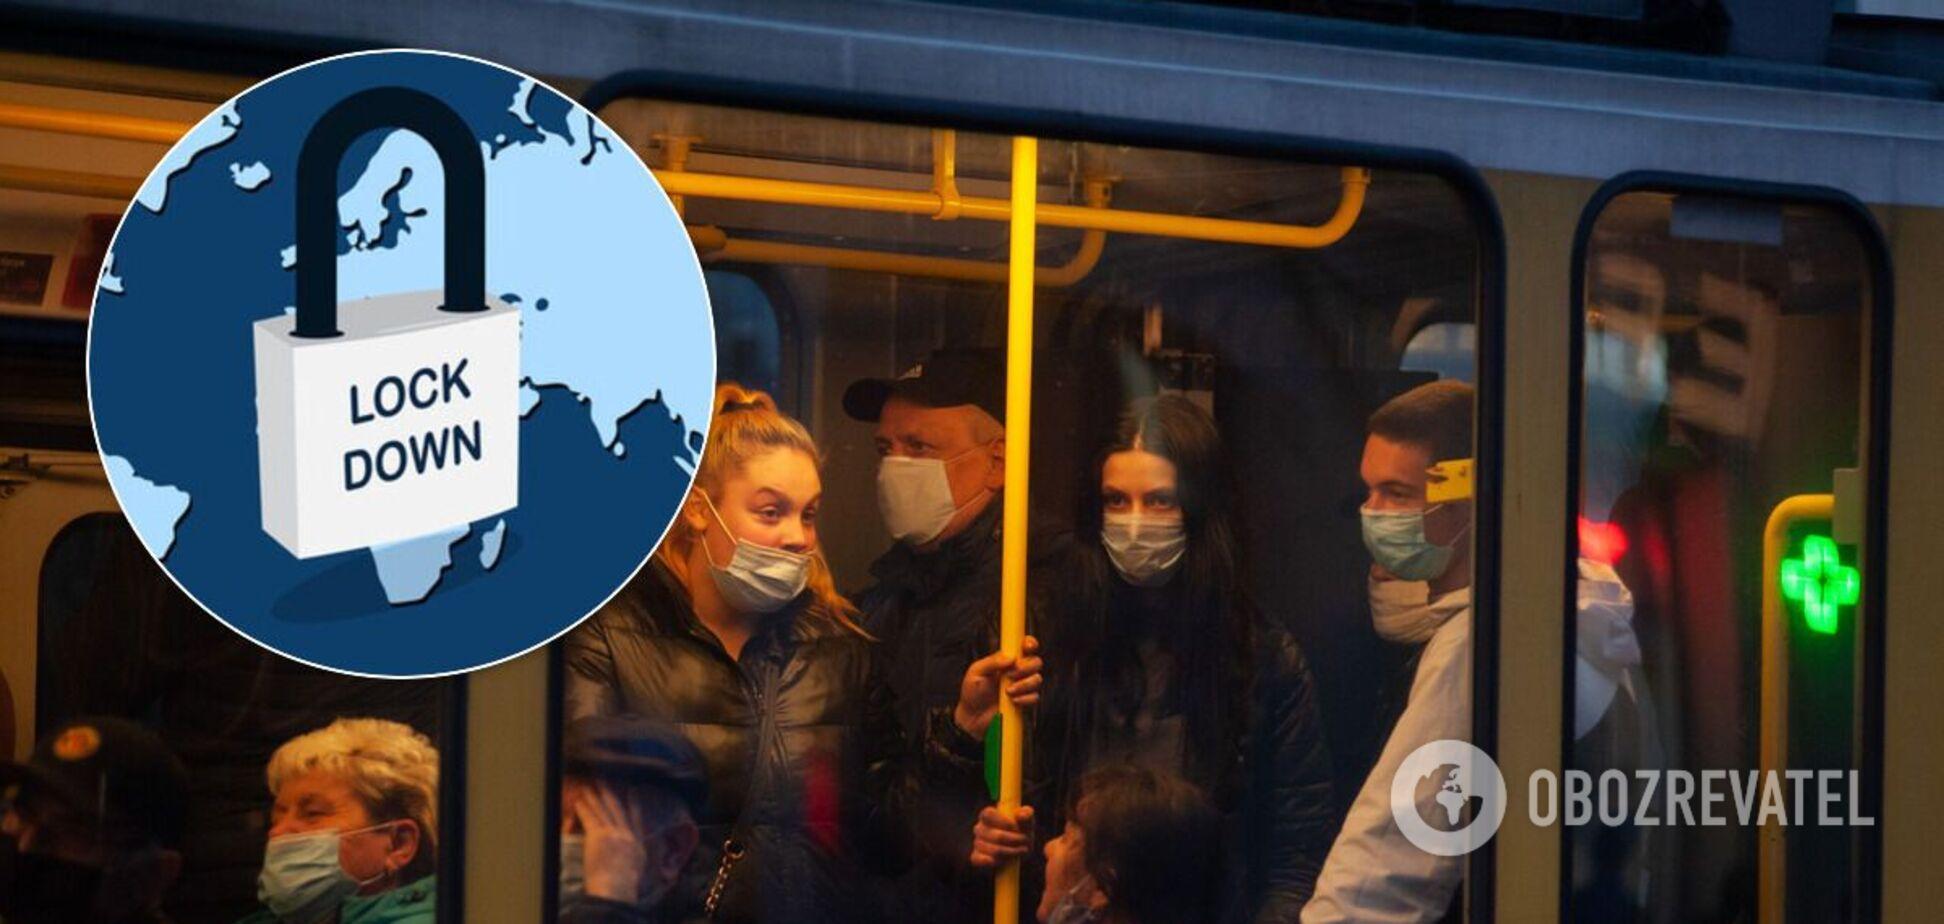 Експерт МОЗ Дубров запропонував обмежити роботу транспорту в Києві